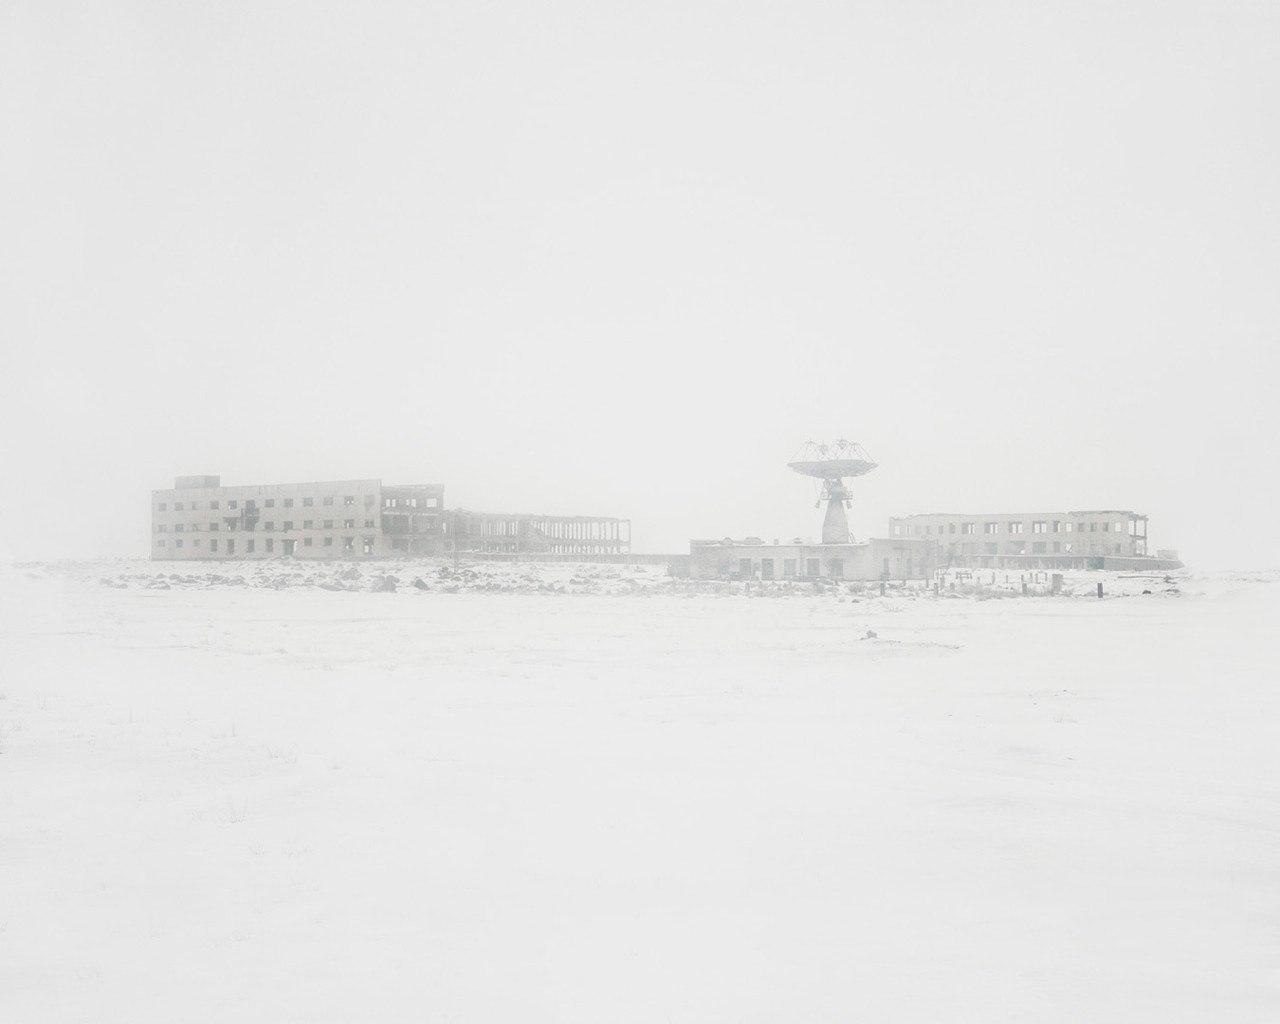 Наземная станция управления космическими аппаратами.Карагандинская область,Казахстан